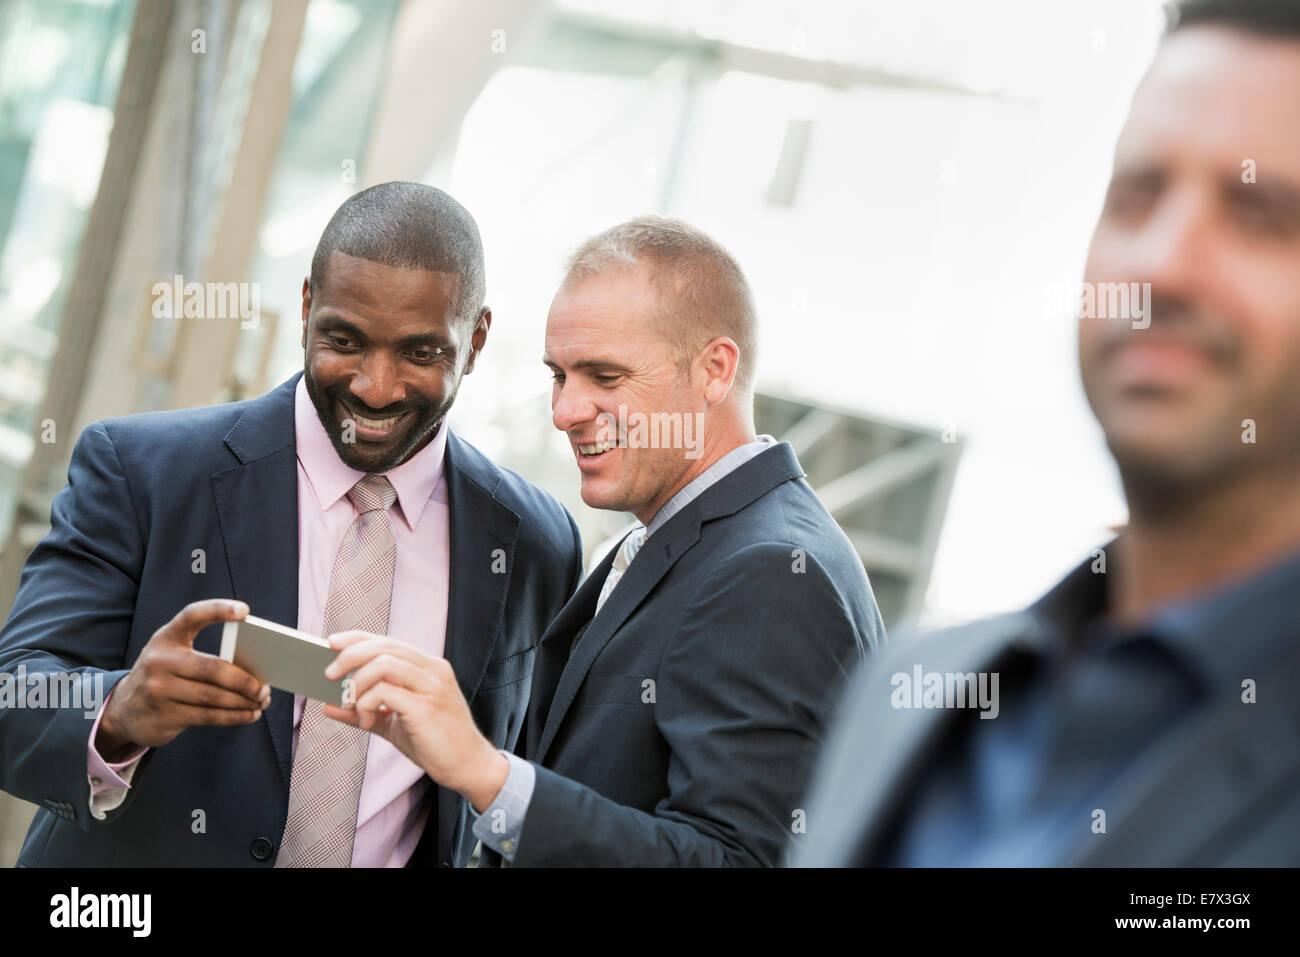 Deux hommes d'contrôler un téléphone et rire, un homme à l'avant. Banque D'Images